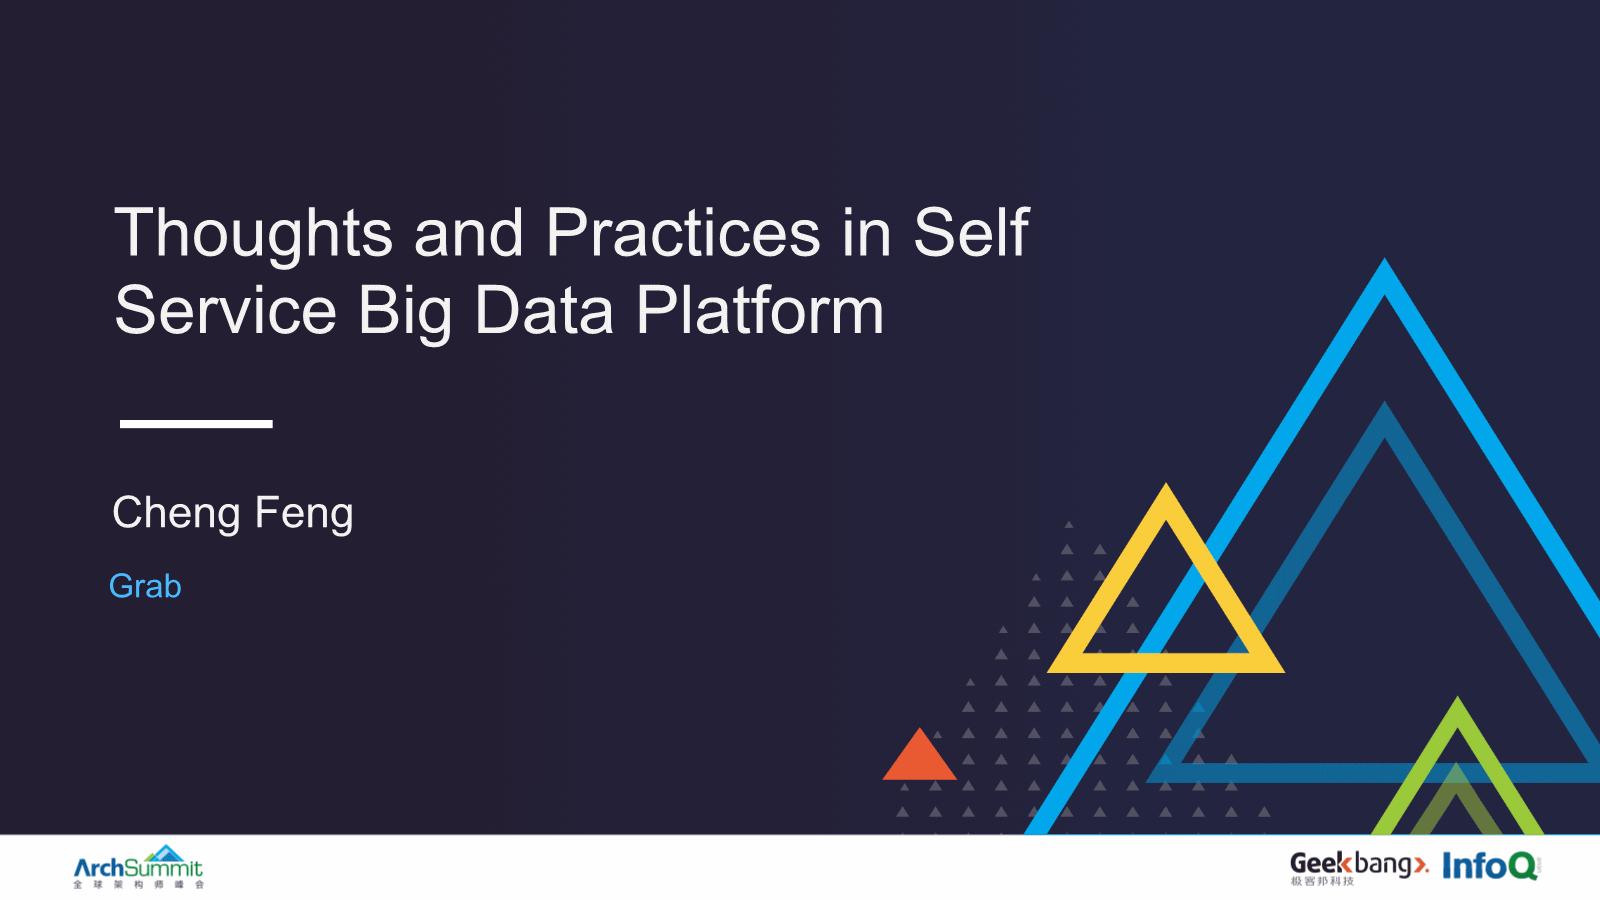 成峰-大数据自助平台的思考与建设